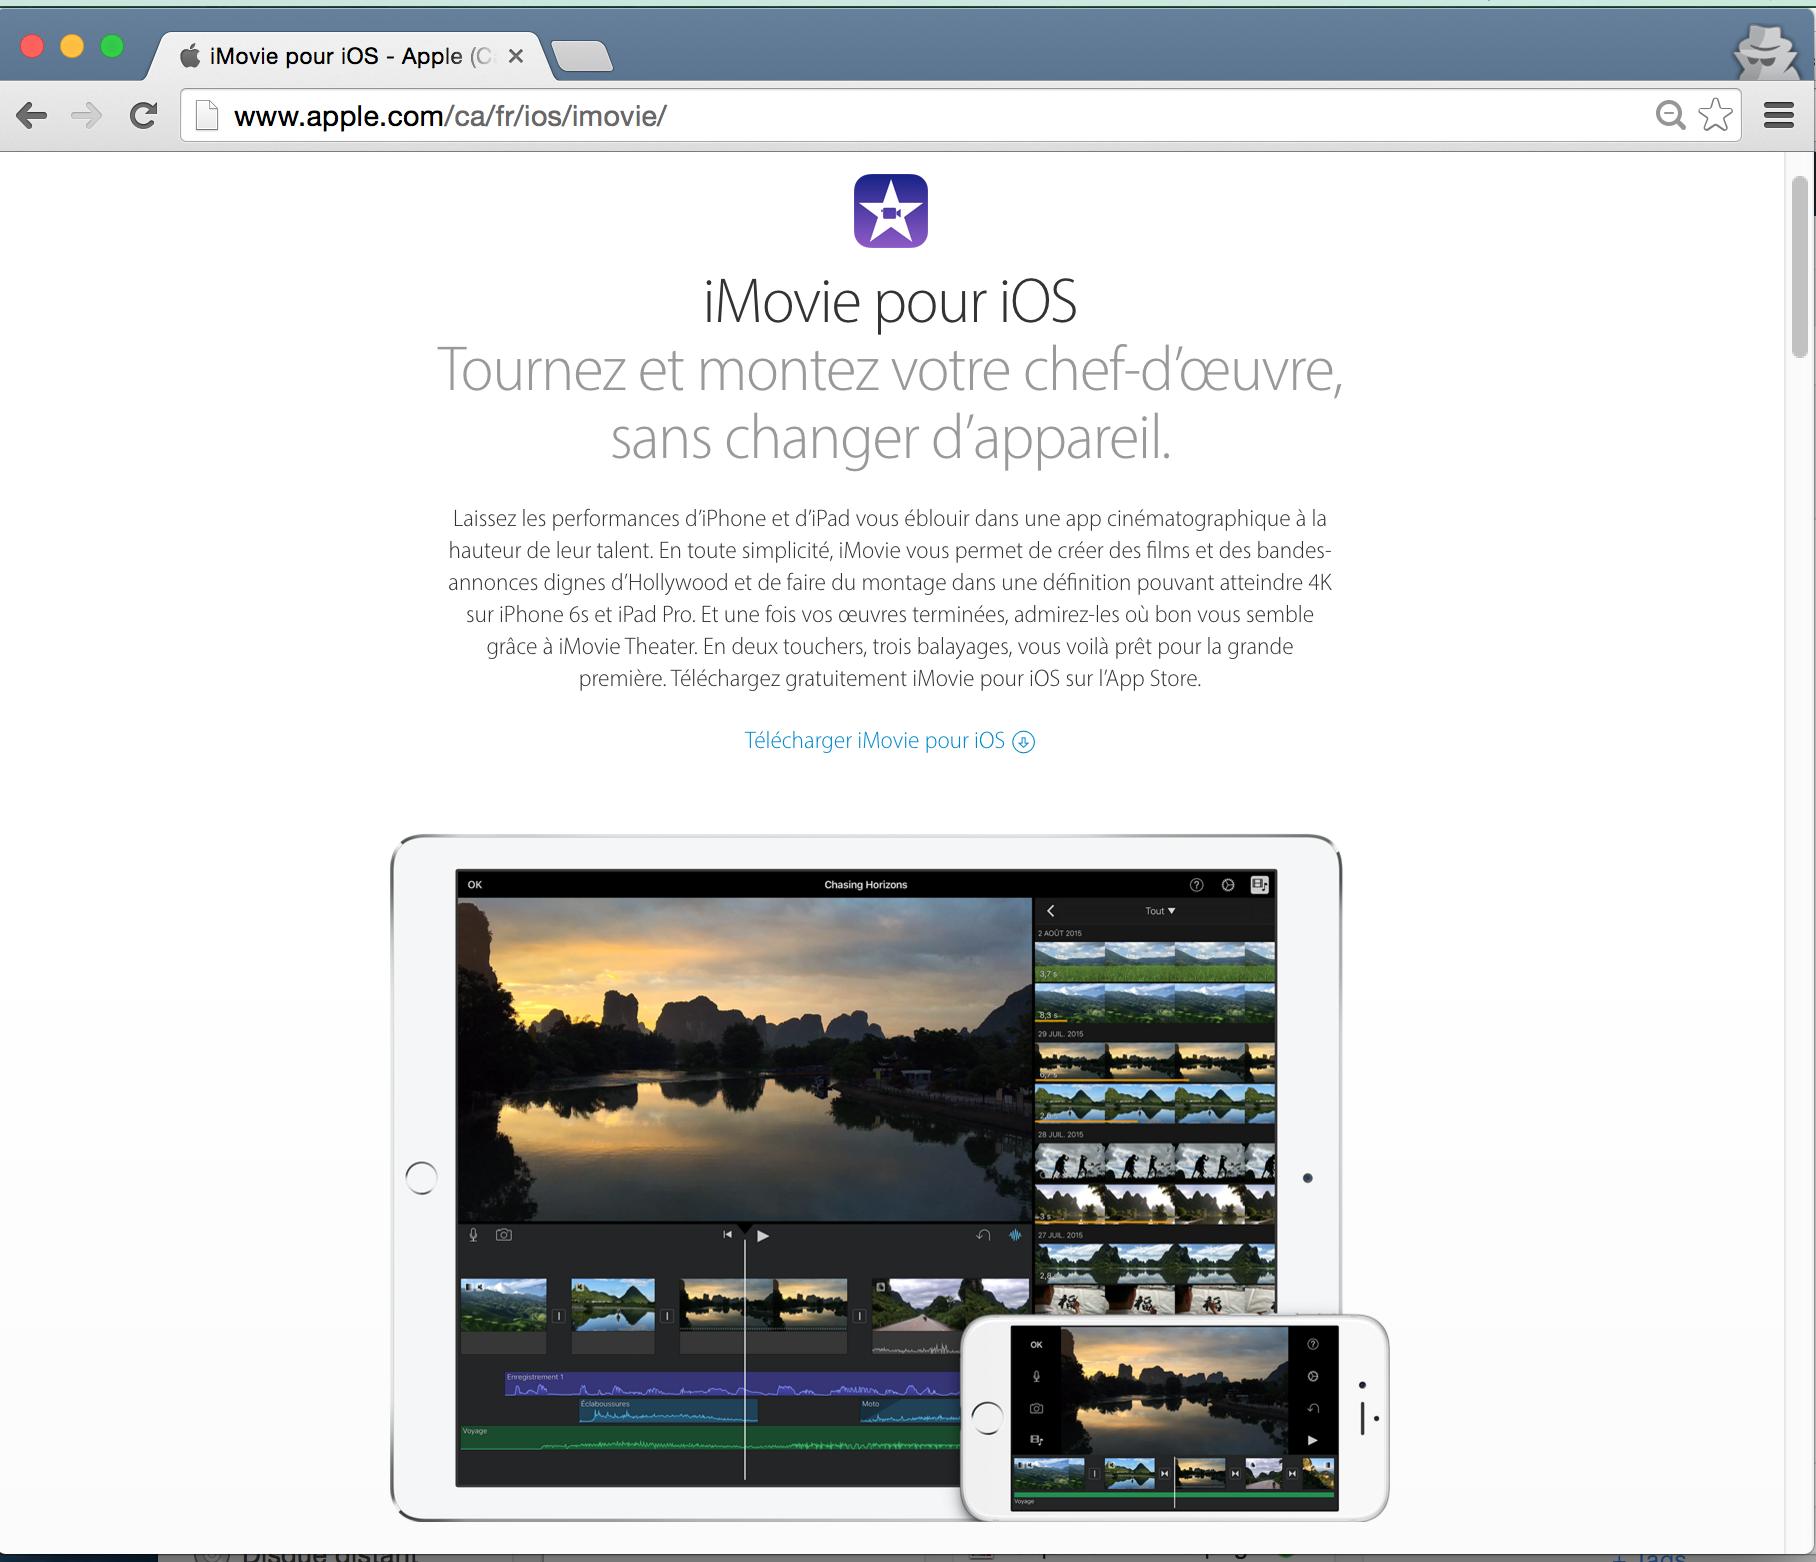 iMovie pour iOs